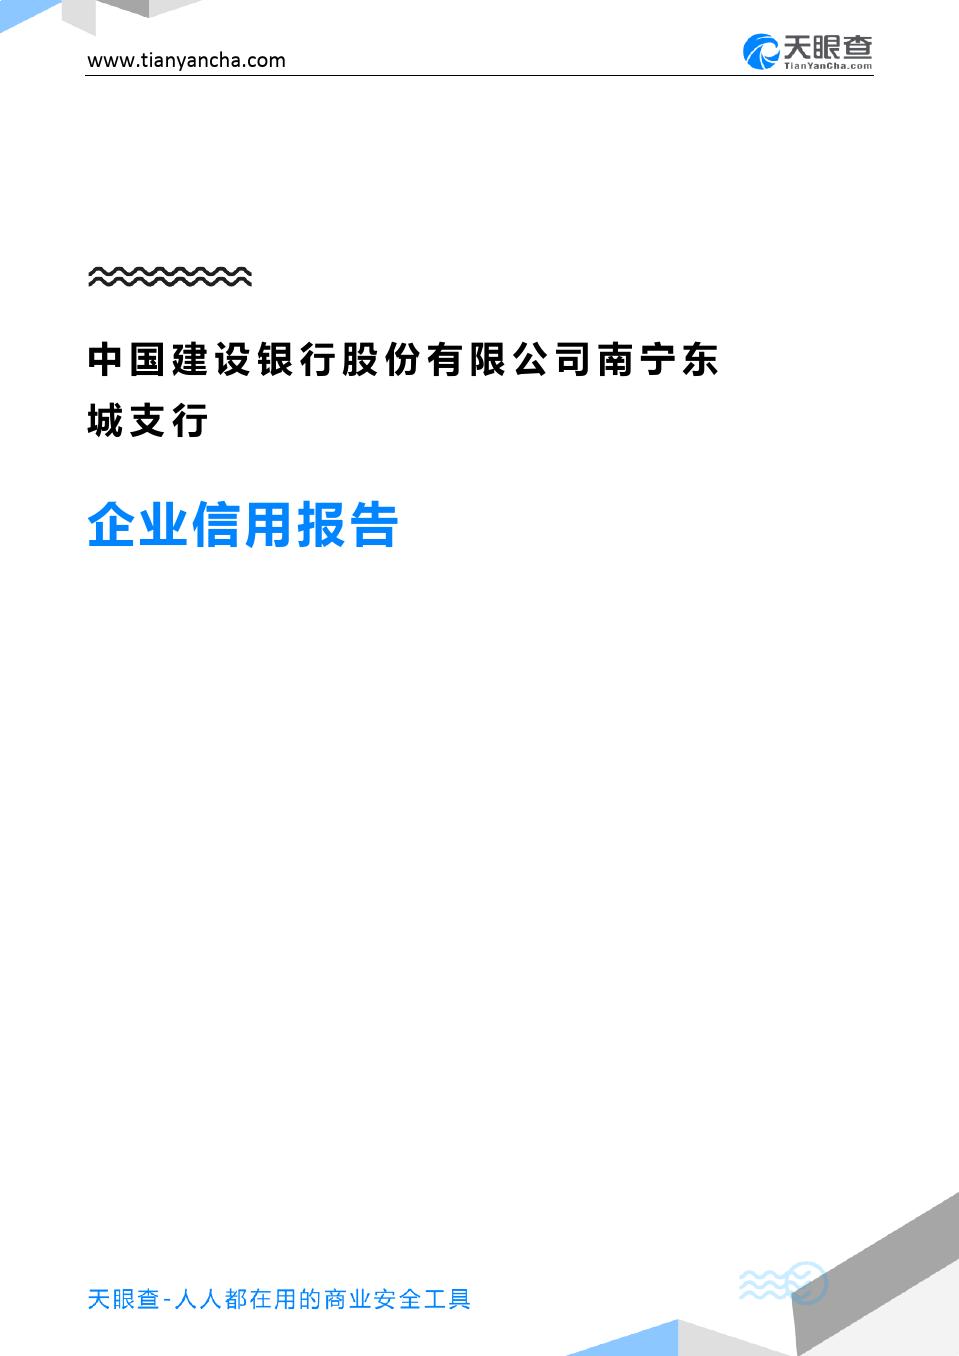 中国建设银行股份有限公司南宁东城支行企业信用报告-天眼查